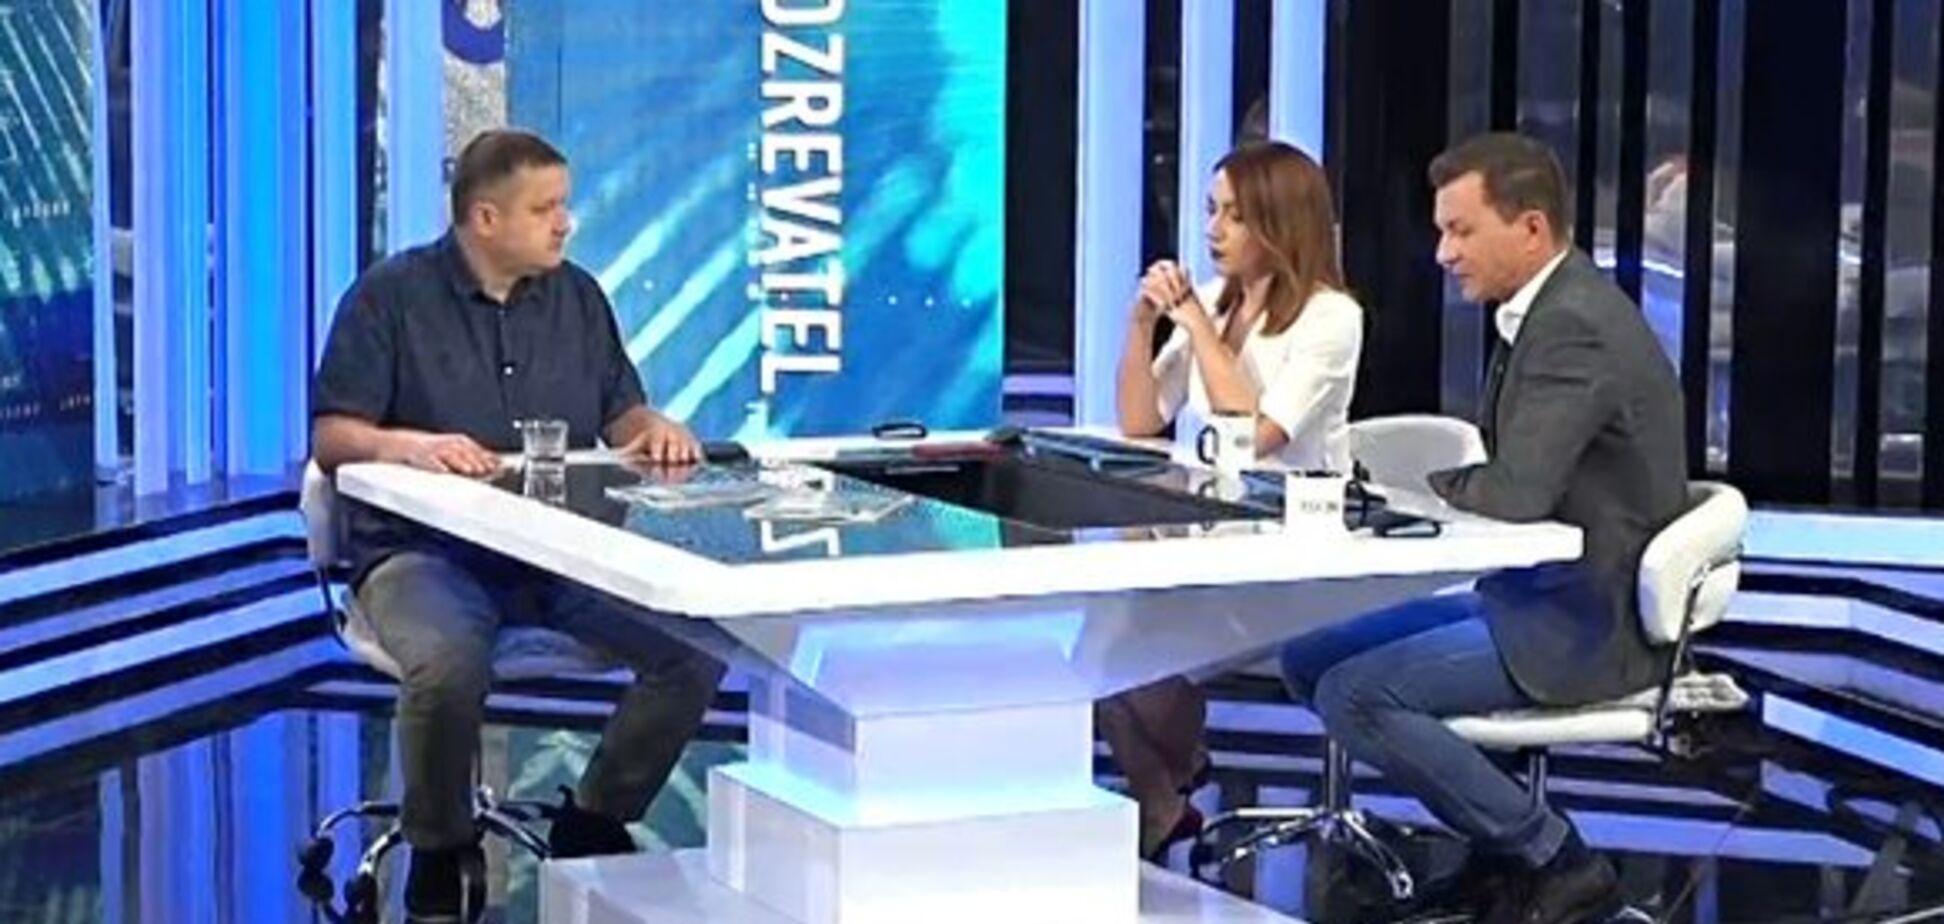 Скандалы или дискуссии: эксперт дал политический прогноз на последнюю неделю перед выборами